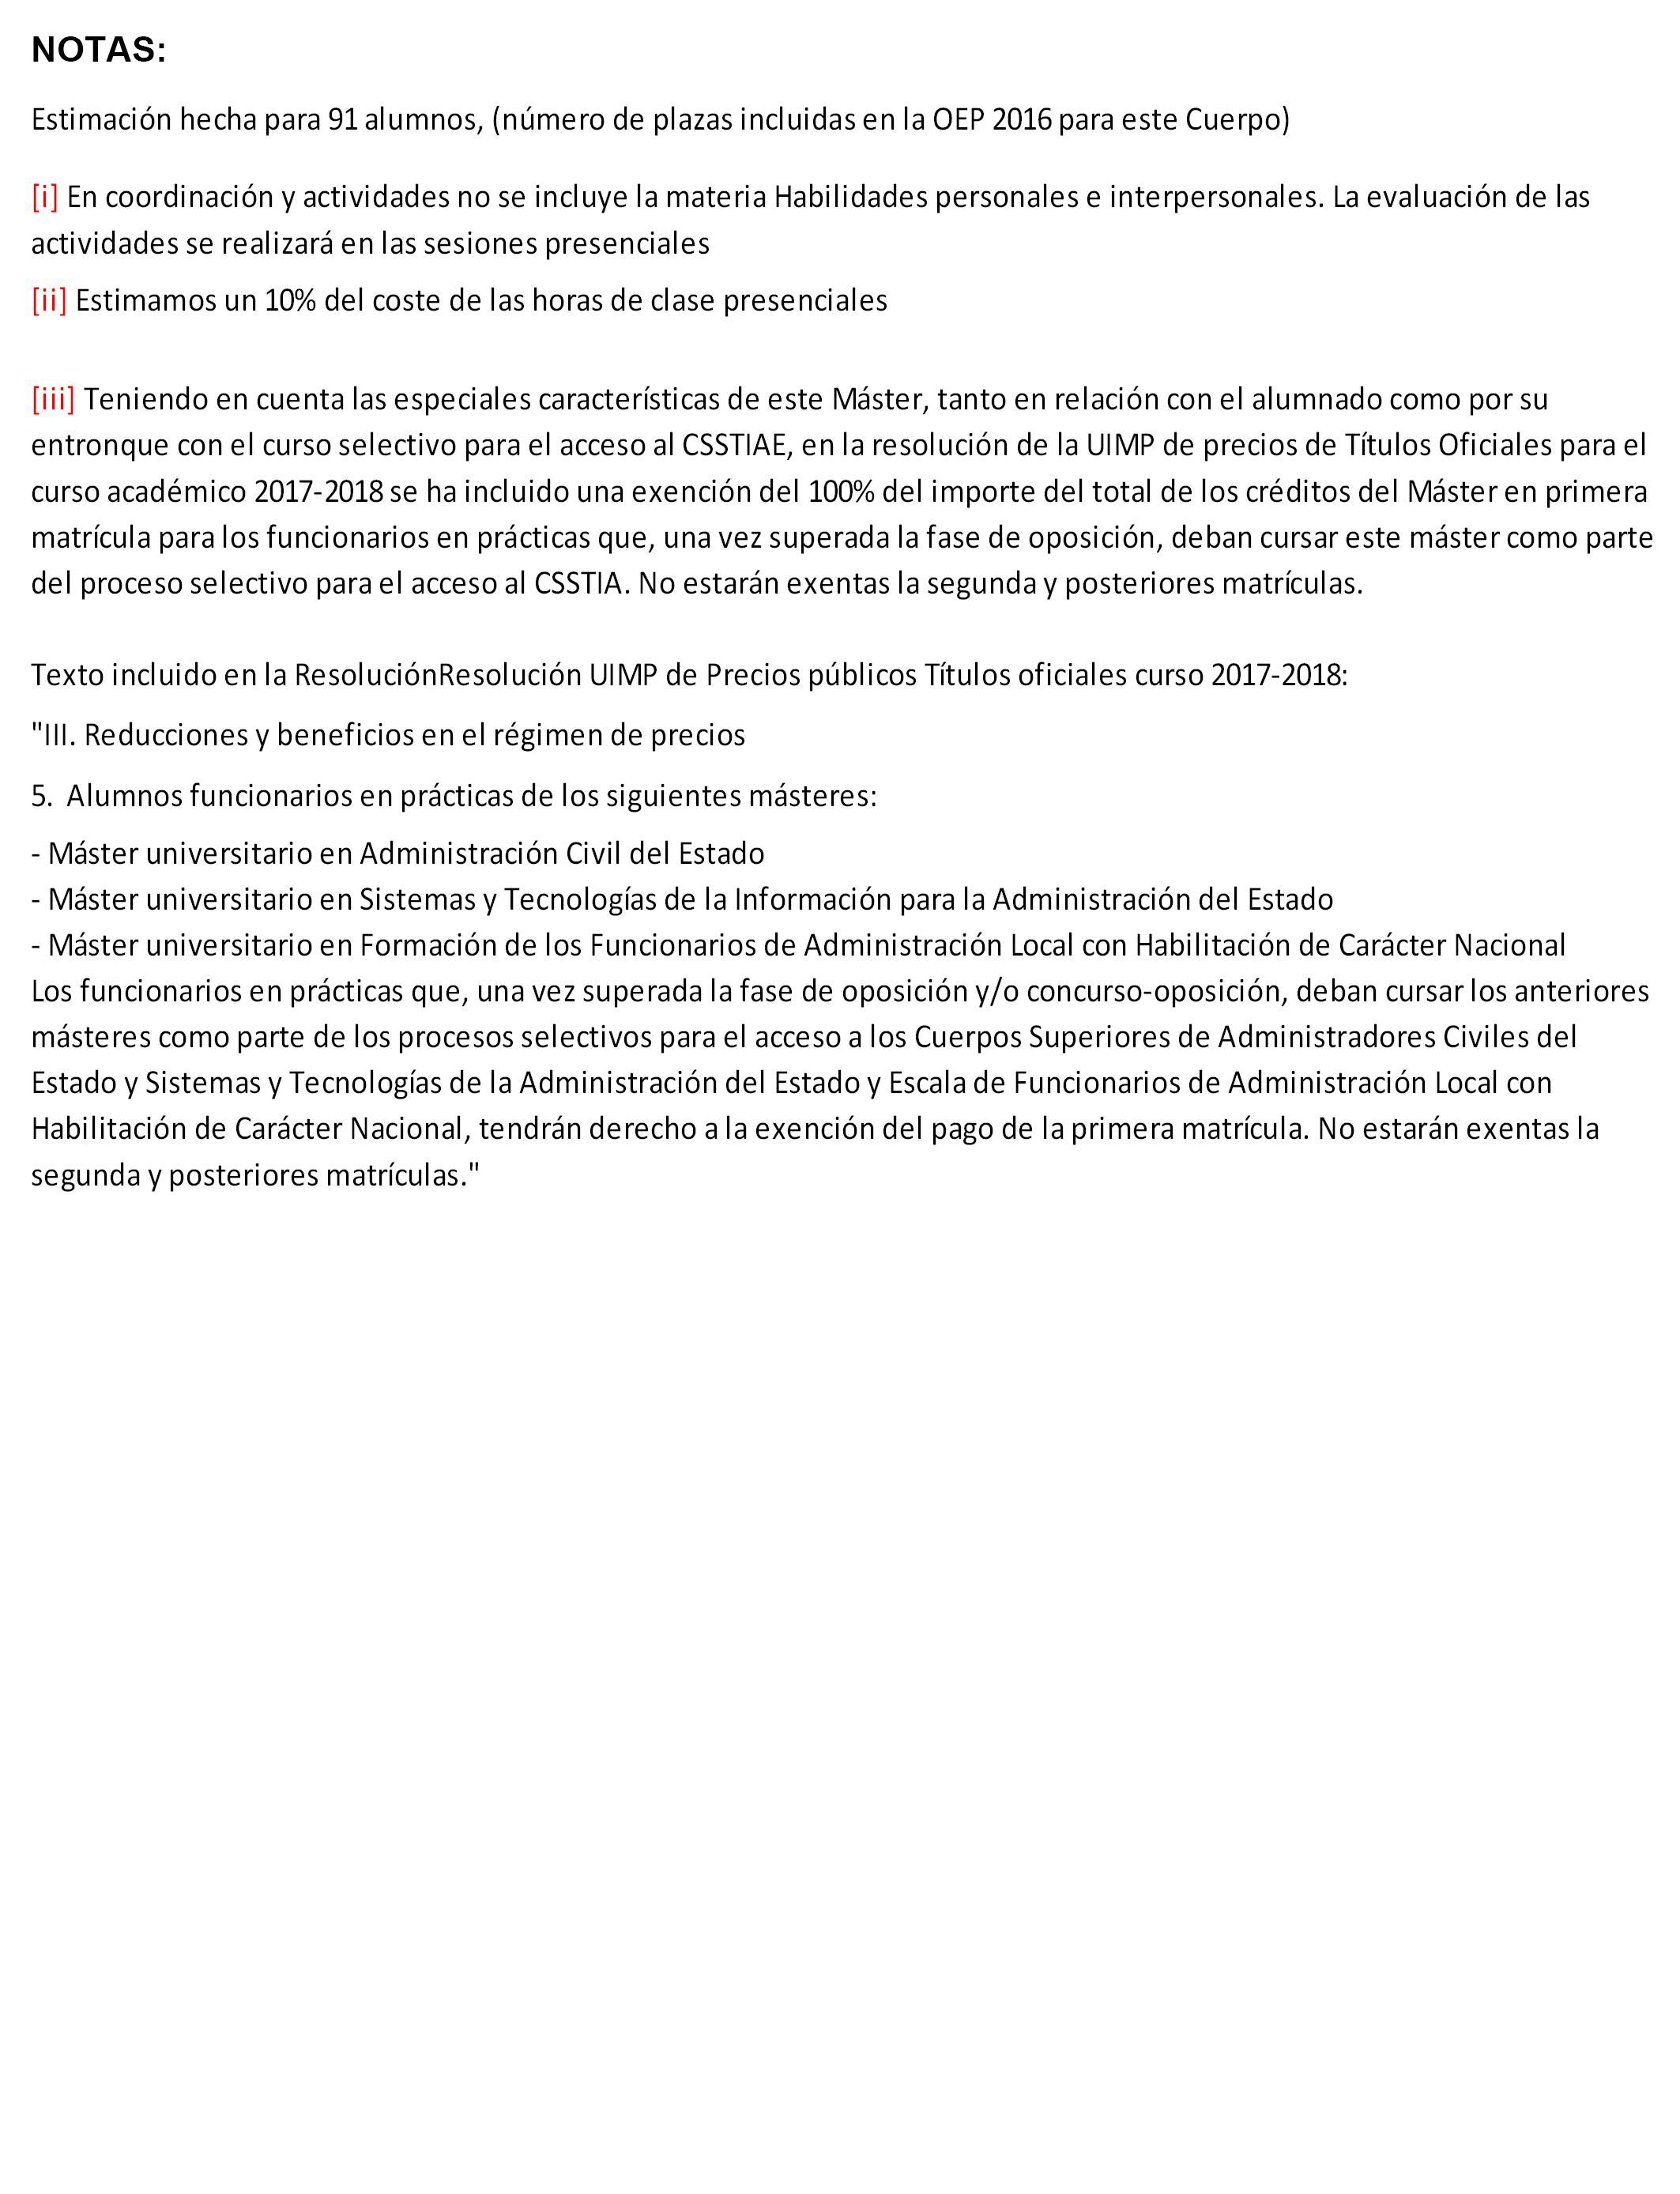 Calendario Academico Ucm 2020 2020.Boe Es Documento Boe A 2018 3397